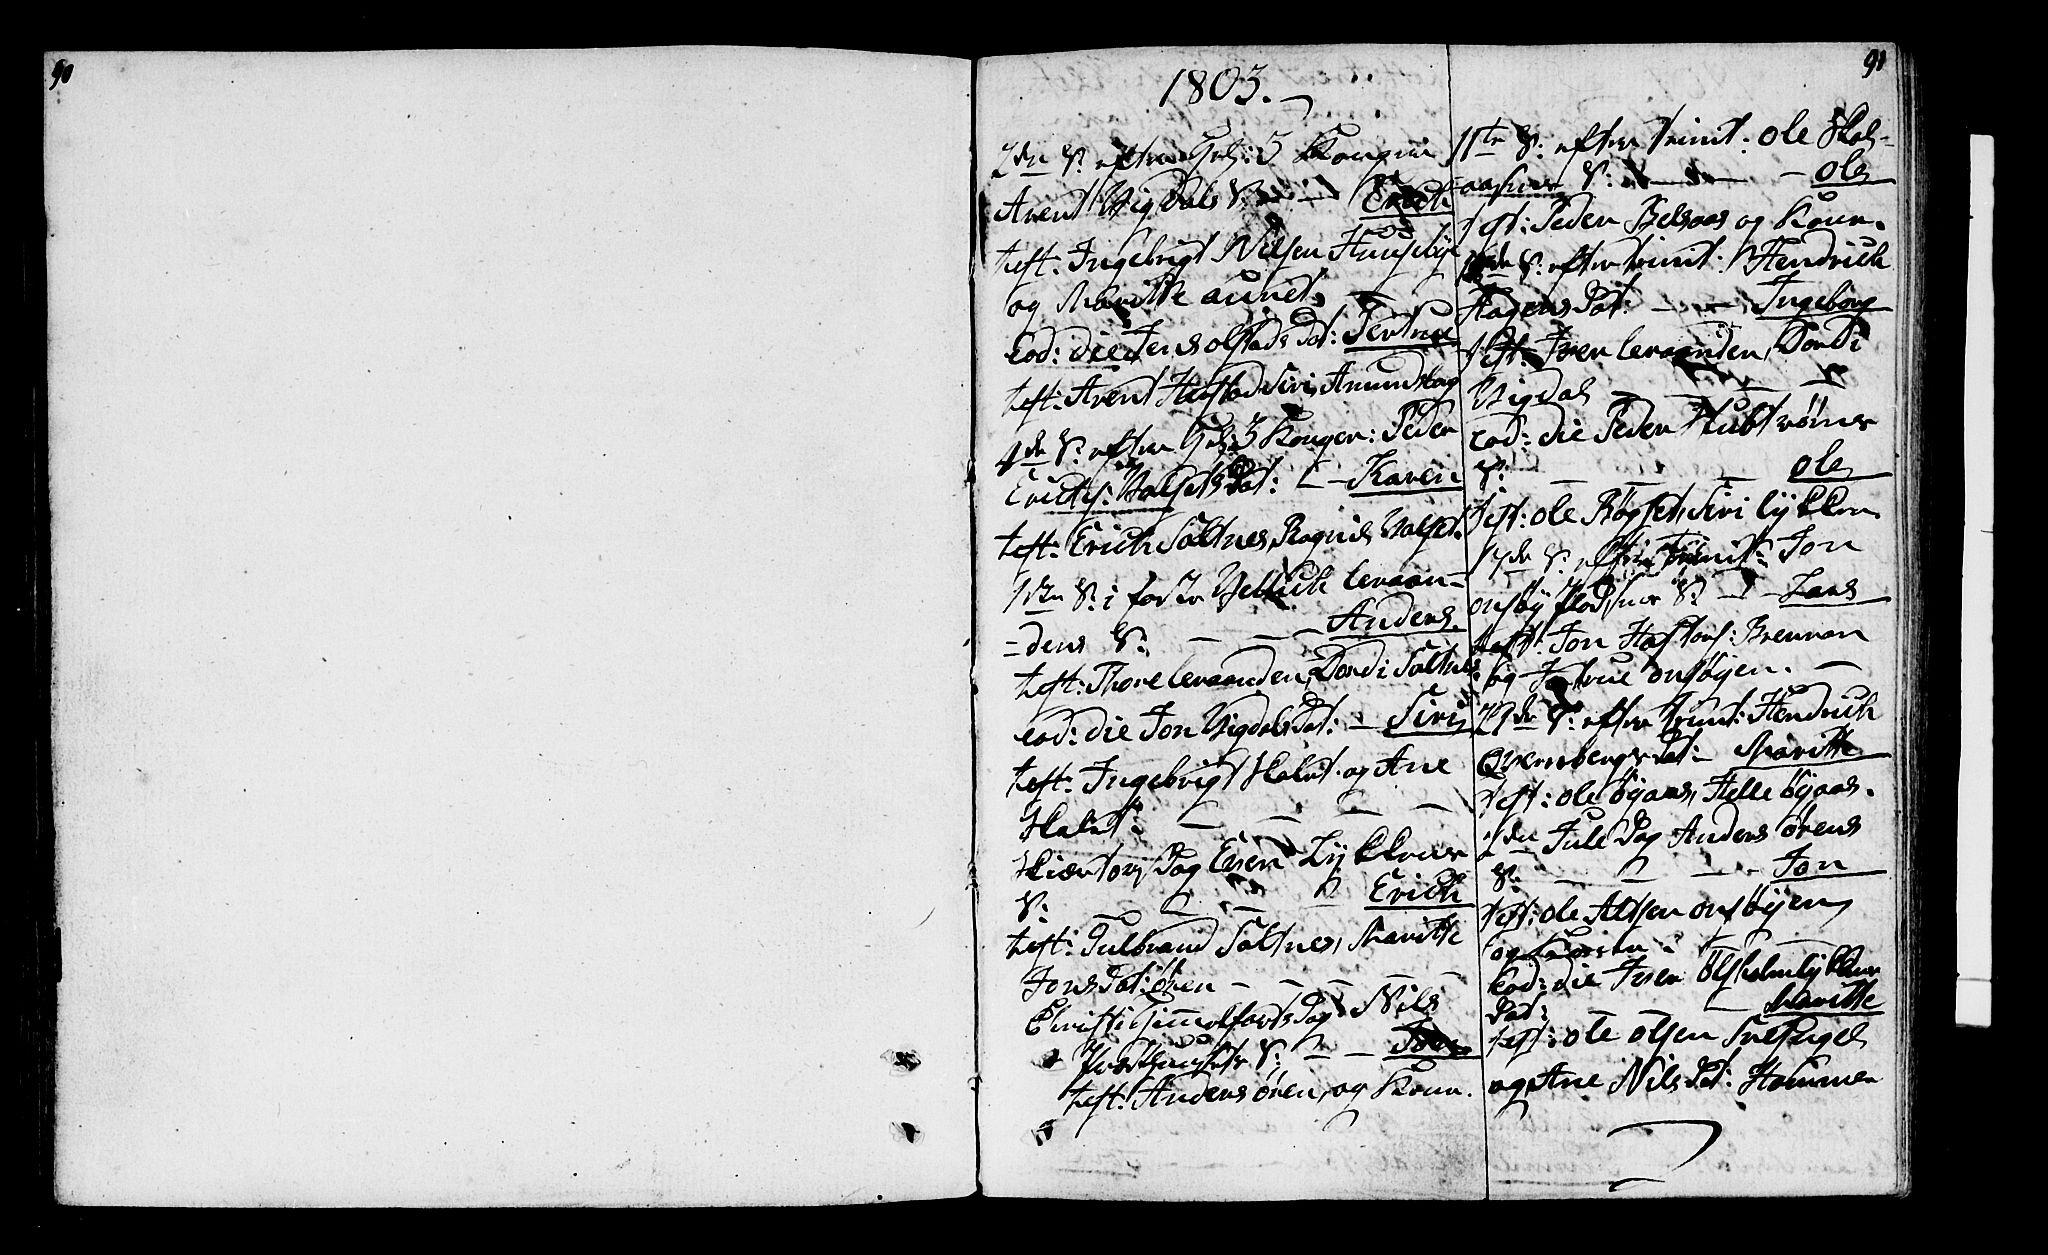 SAT, Ministerialprotokoller, klokkerbøker og fødselsregistre - Sør-Trøndelag, 666/L0785: Ministerialbok nr. 666A03, 1803-1816, s. 90-91